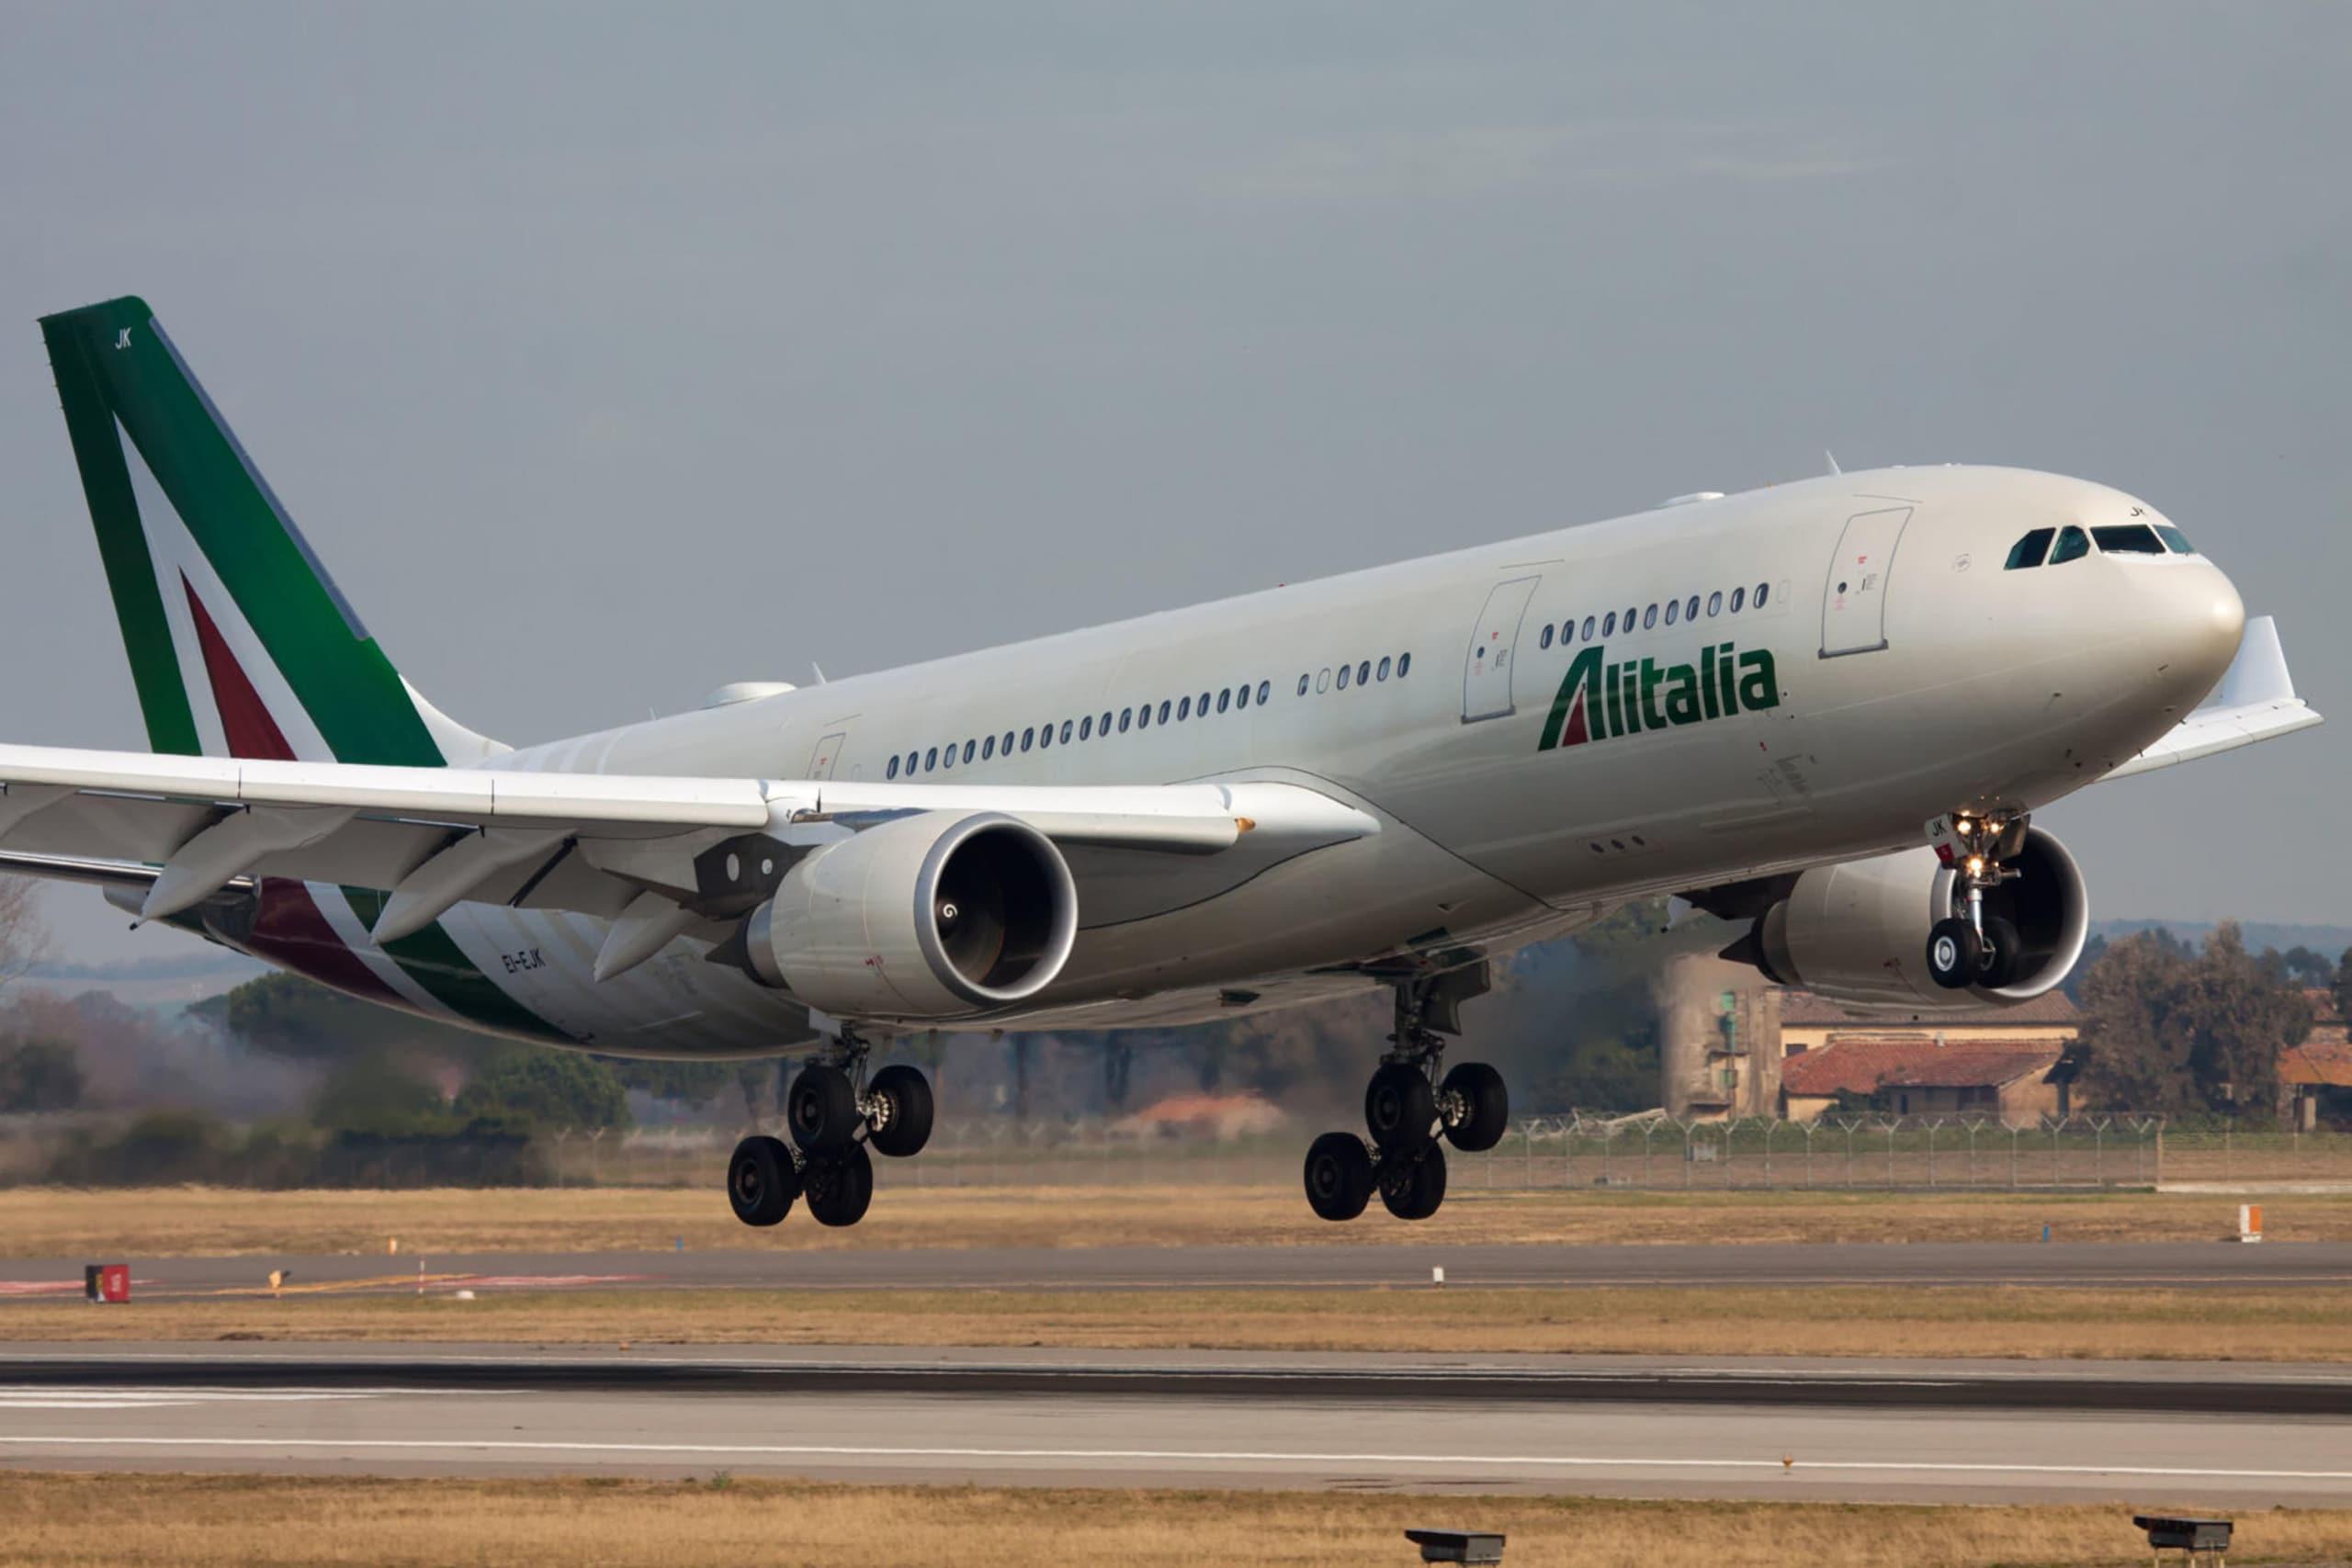 Iata, il Covid costerà 132 miliardi alle compagnie aeree